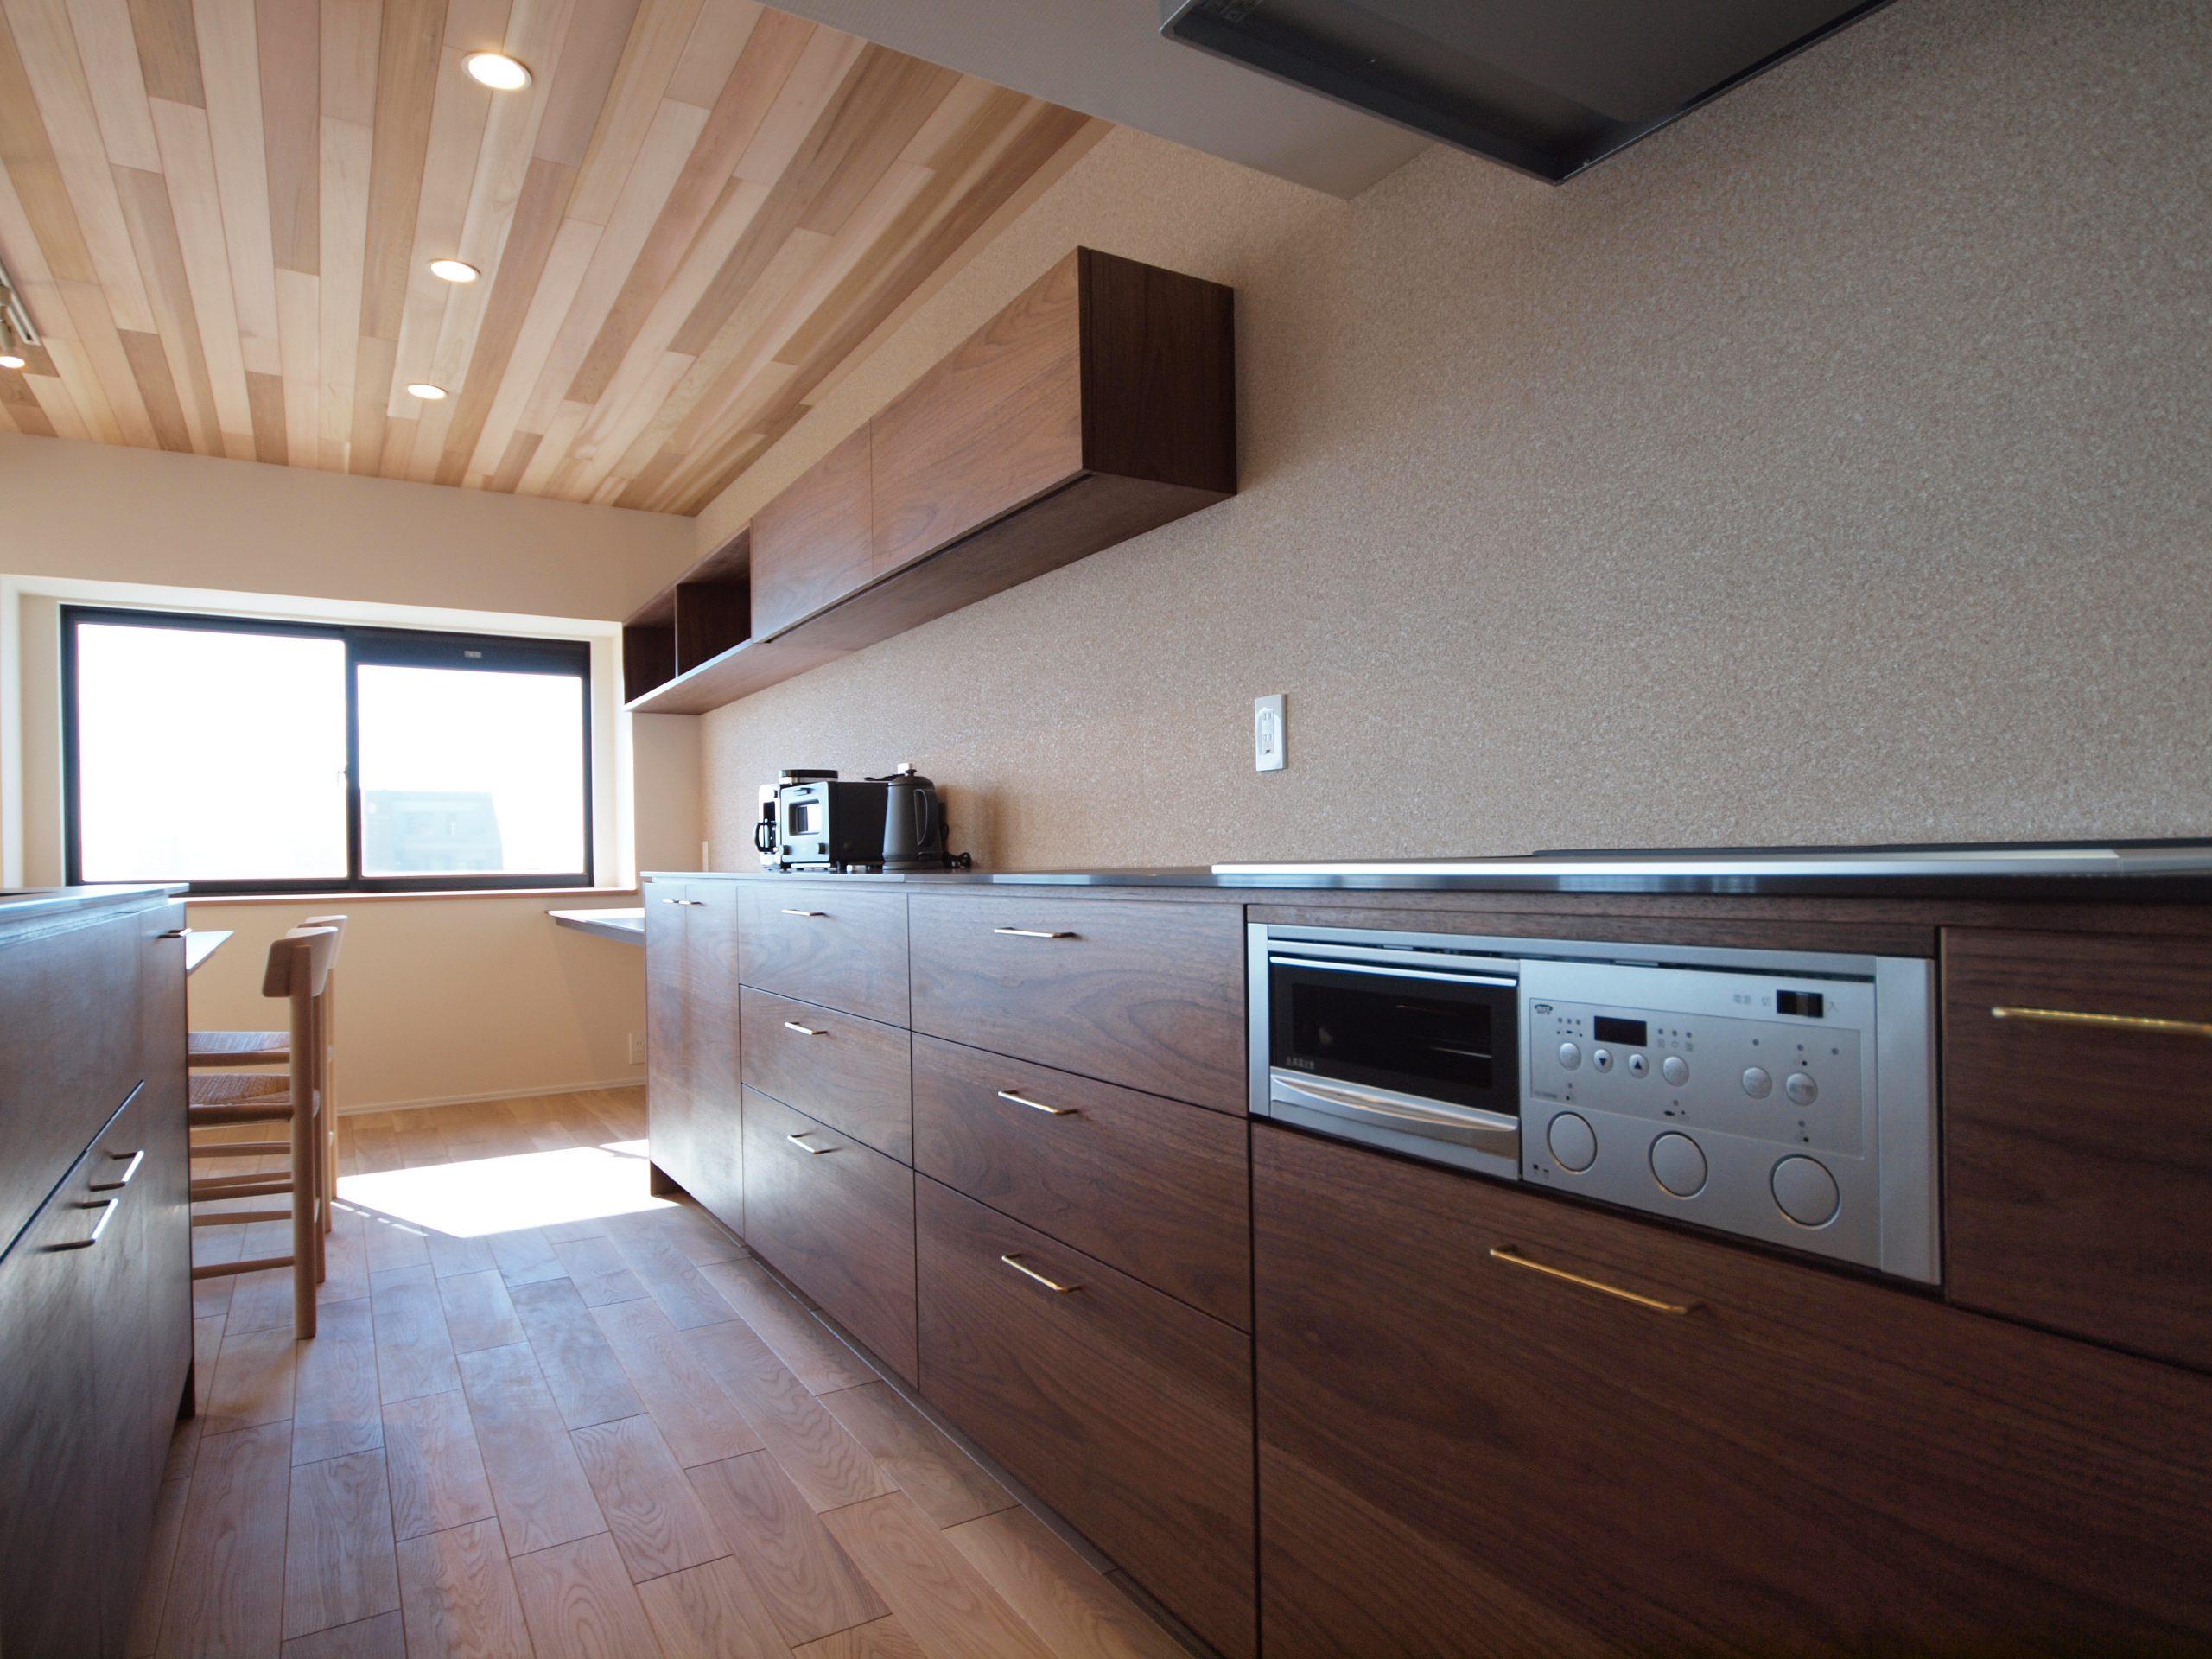 リノベーション施工案件: オーダーメイドキッチン・北欧家具・PB030297 | CRAFT WORKS. | 株式会社CWT | クラフトワークス | 新築、店舗、住宅、マンションのリフォームとリノベーション | Residential renovation | 福岡県北九州市